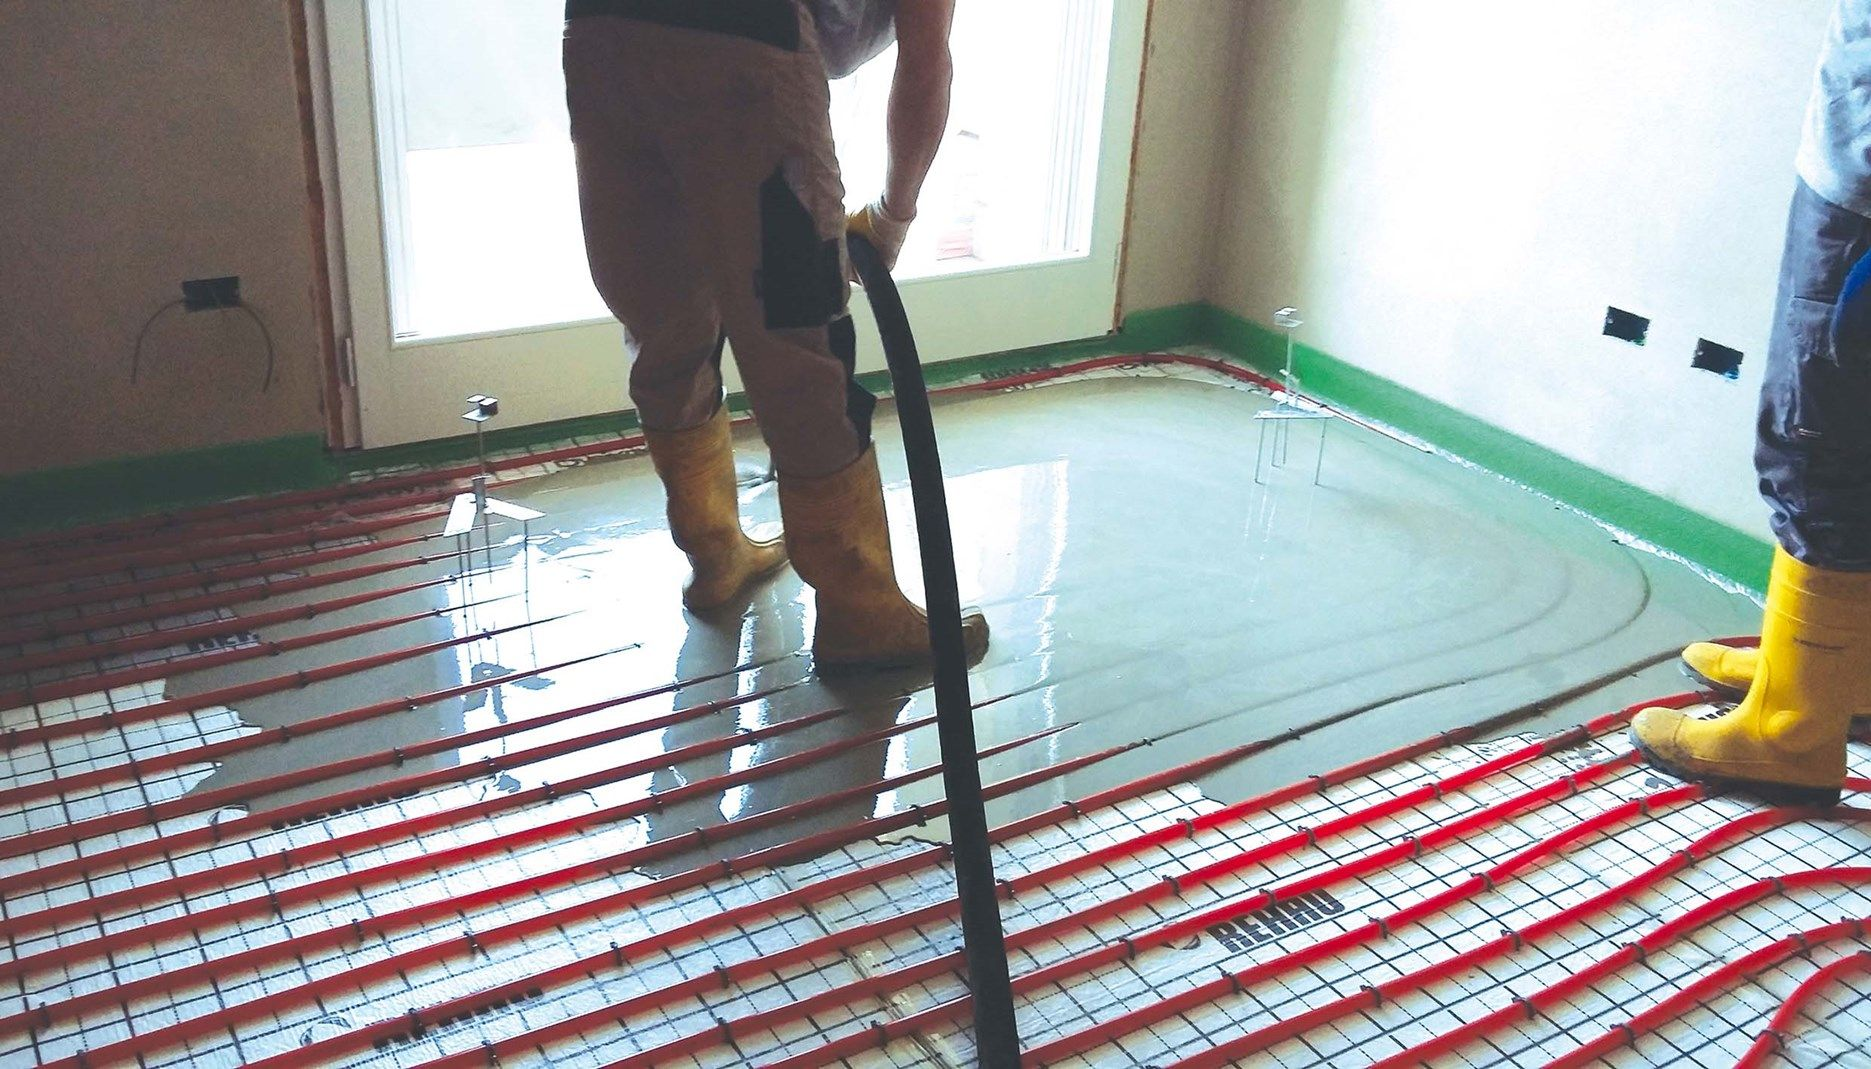 Le soluzioni sottili e autolivellanti Laterlite per pavimenti radianti e lisciatura di fondi irregolari